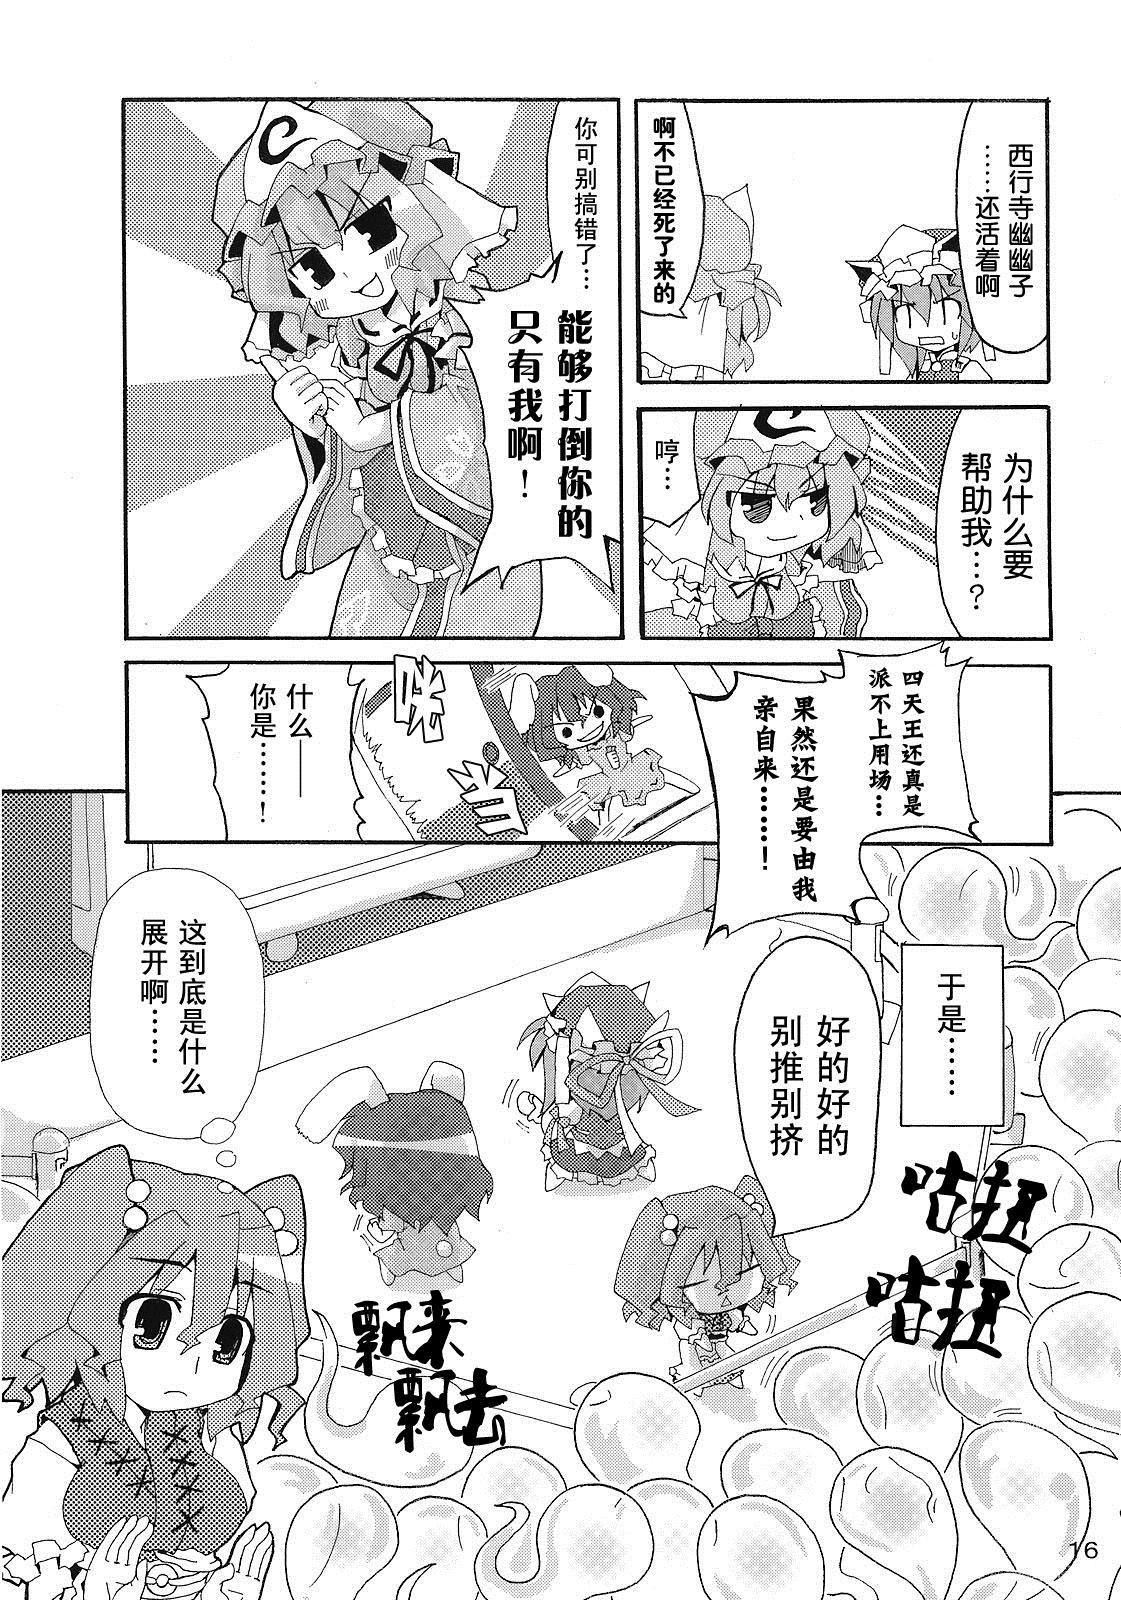 与映姬大人一起玩Wii! - 第1话 - 6